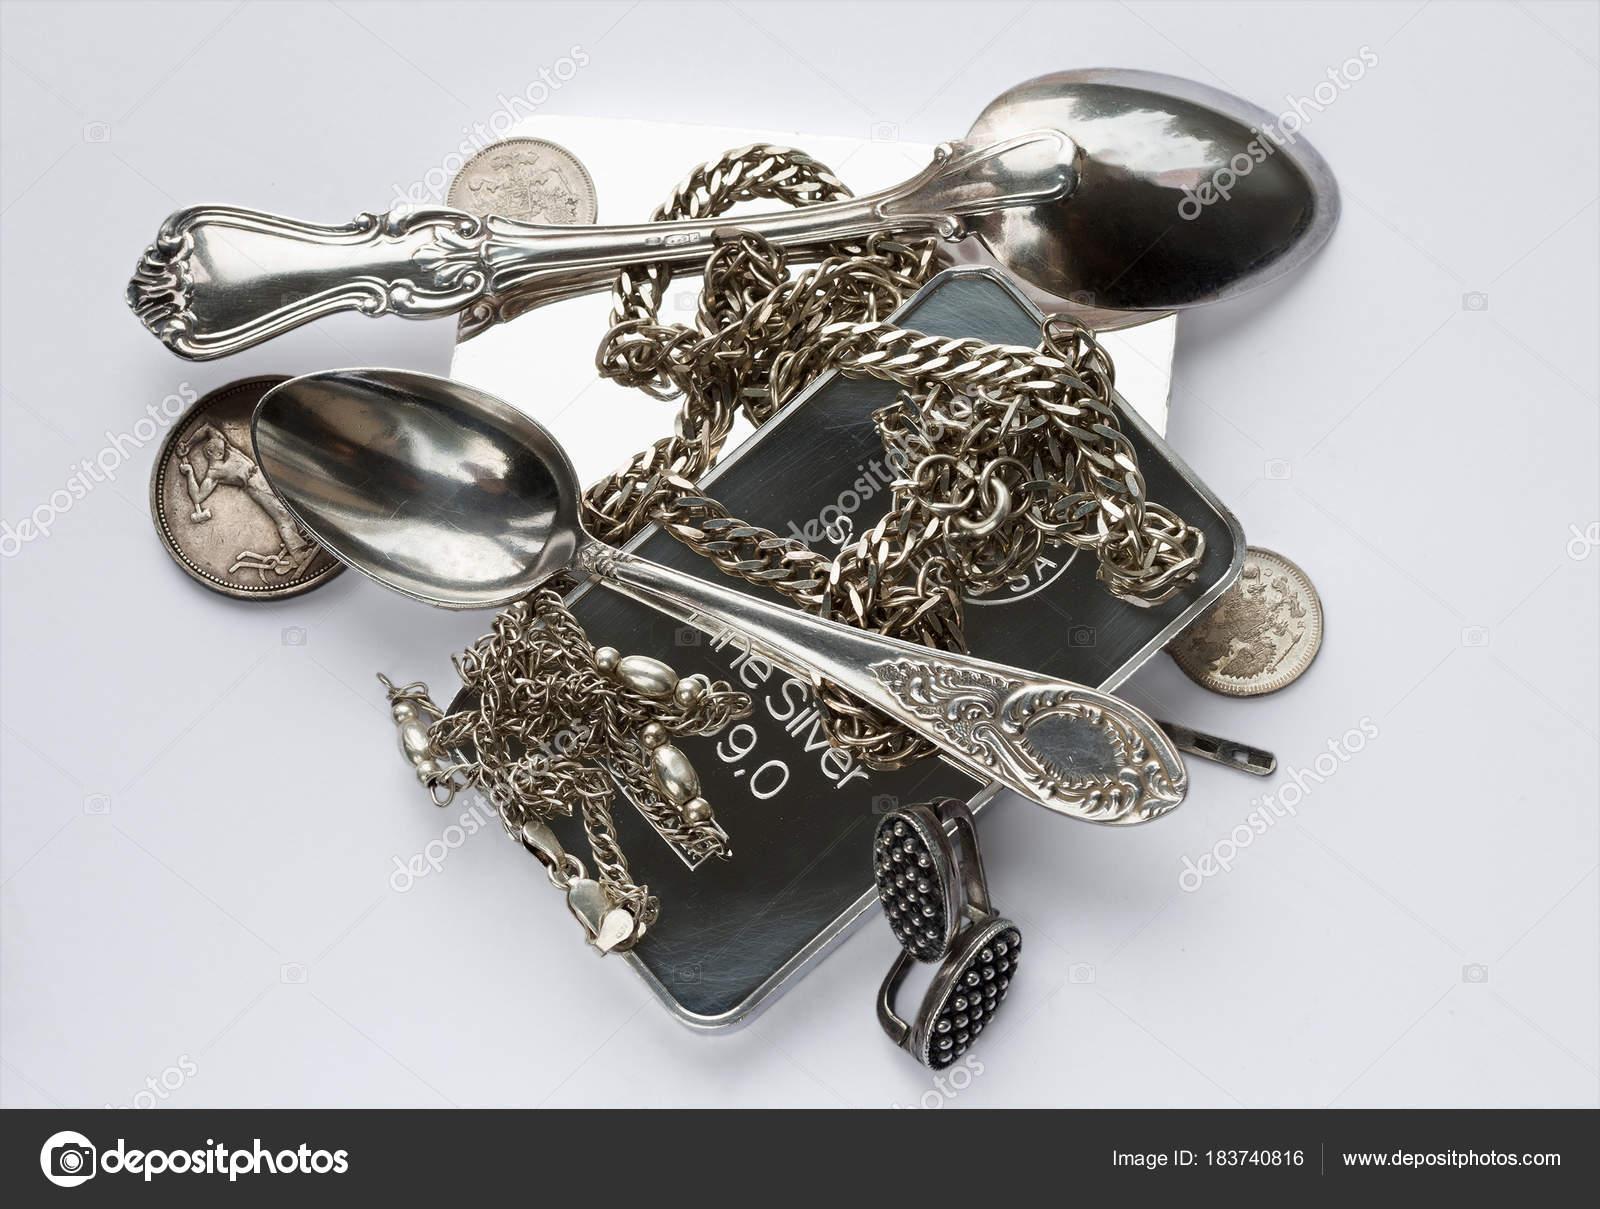 Silberwaren Werden Auf Einem Hellgrauen Hintergrund Platziert